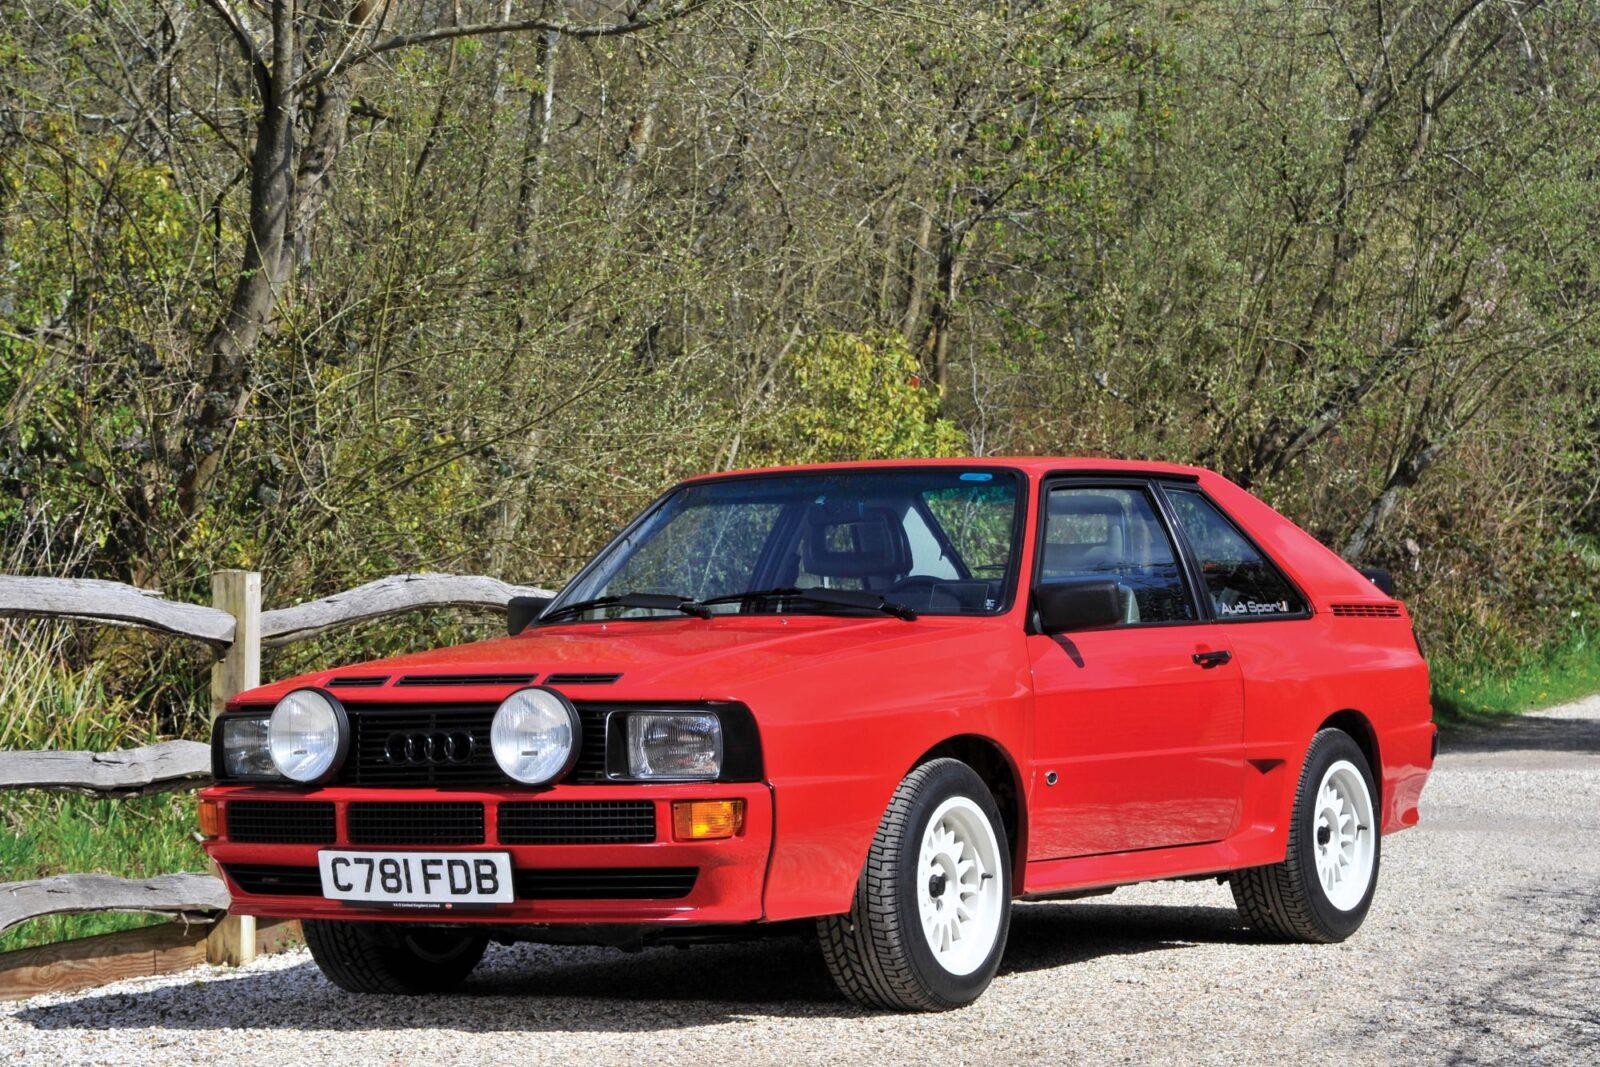 Audi Sport quattro 20 1600x1067 - 1986 Audi Sport quattro